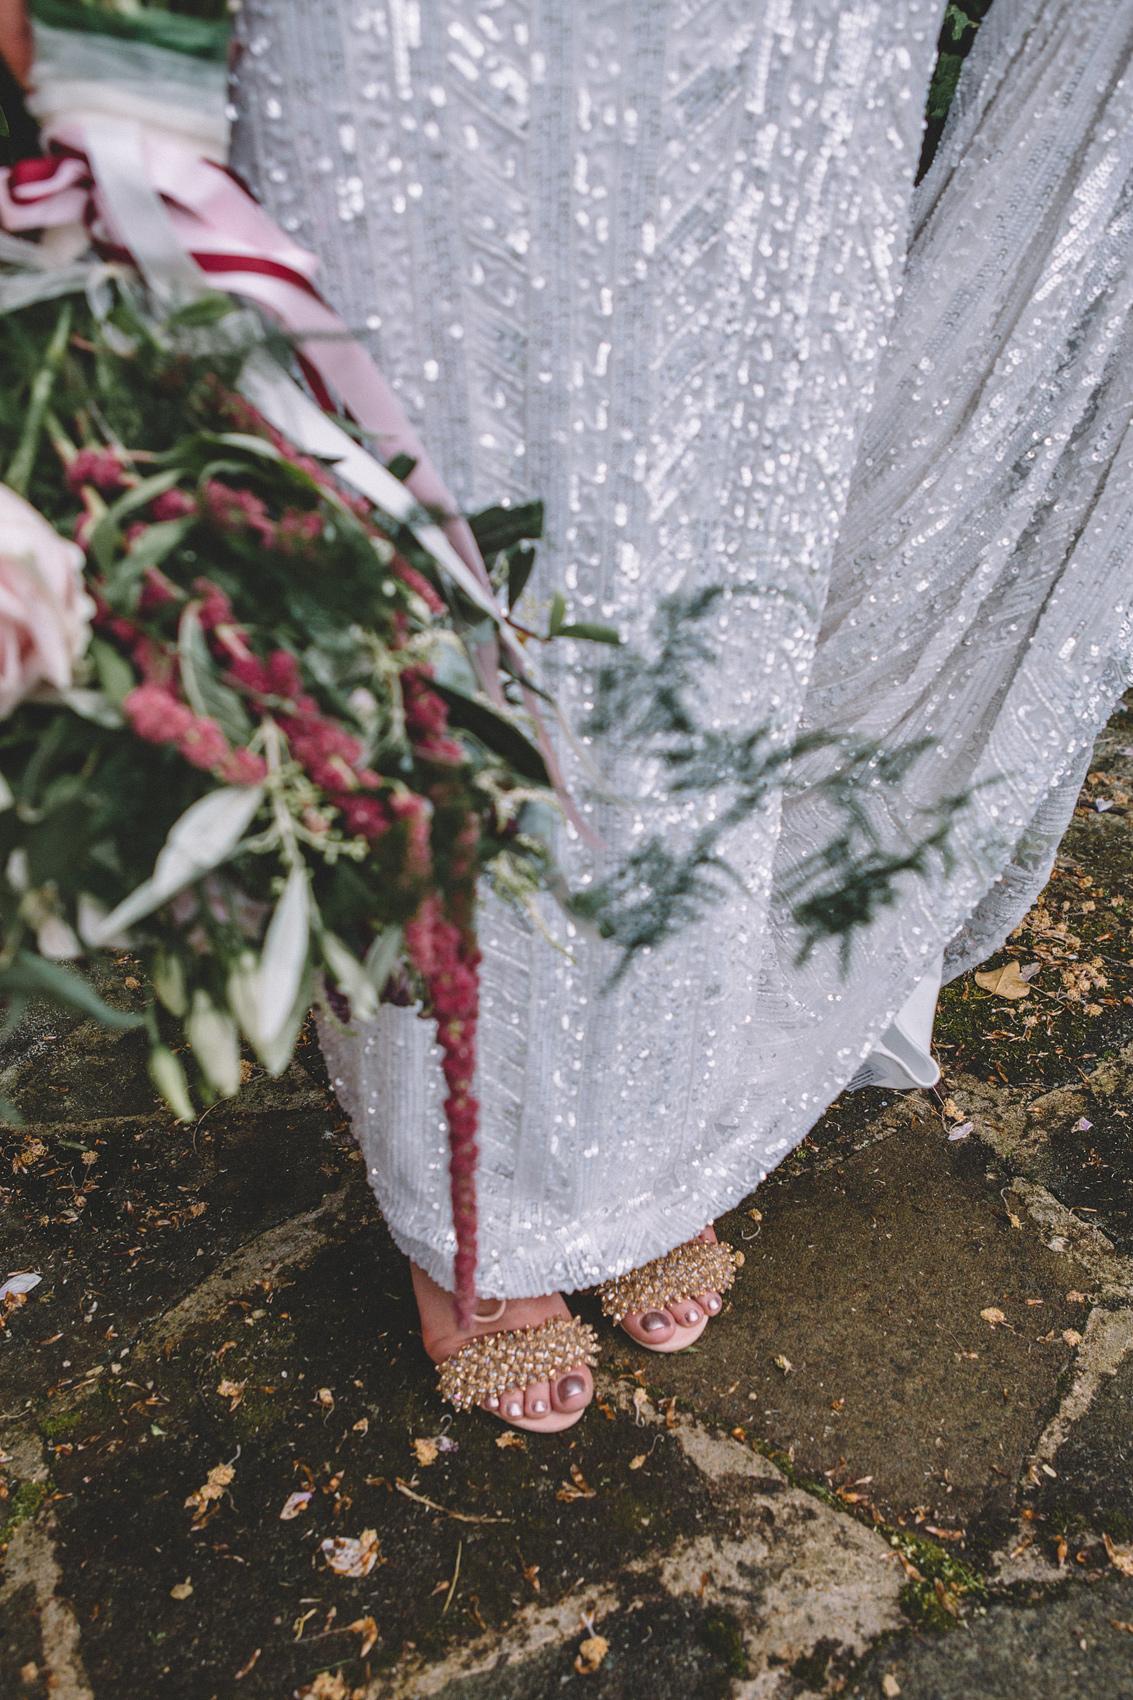 Inglewood_Manor_Wedding_Photography_-_Claire_Basiuk_Cheshire_Photographer_-_34_29.jpg